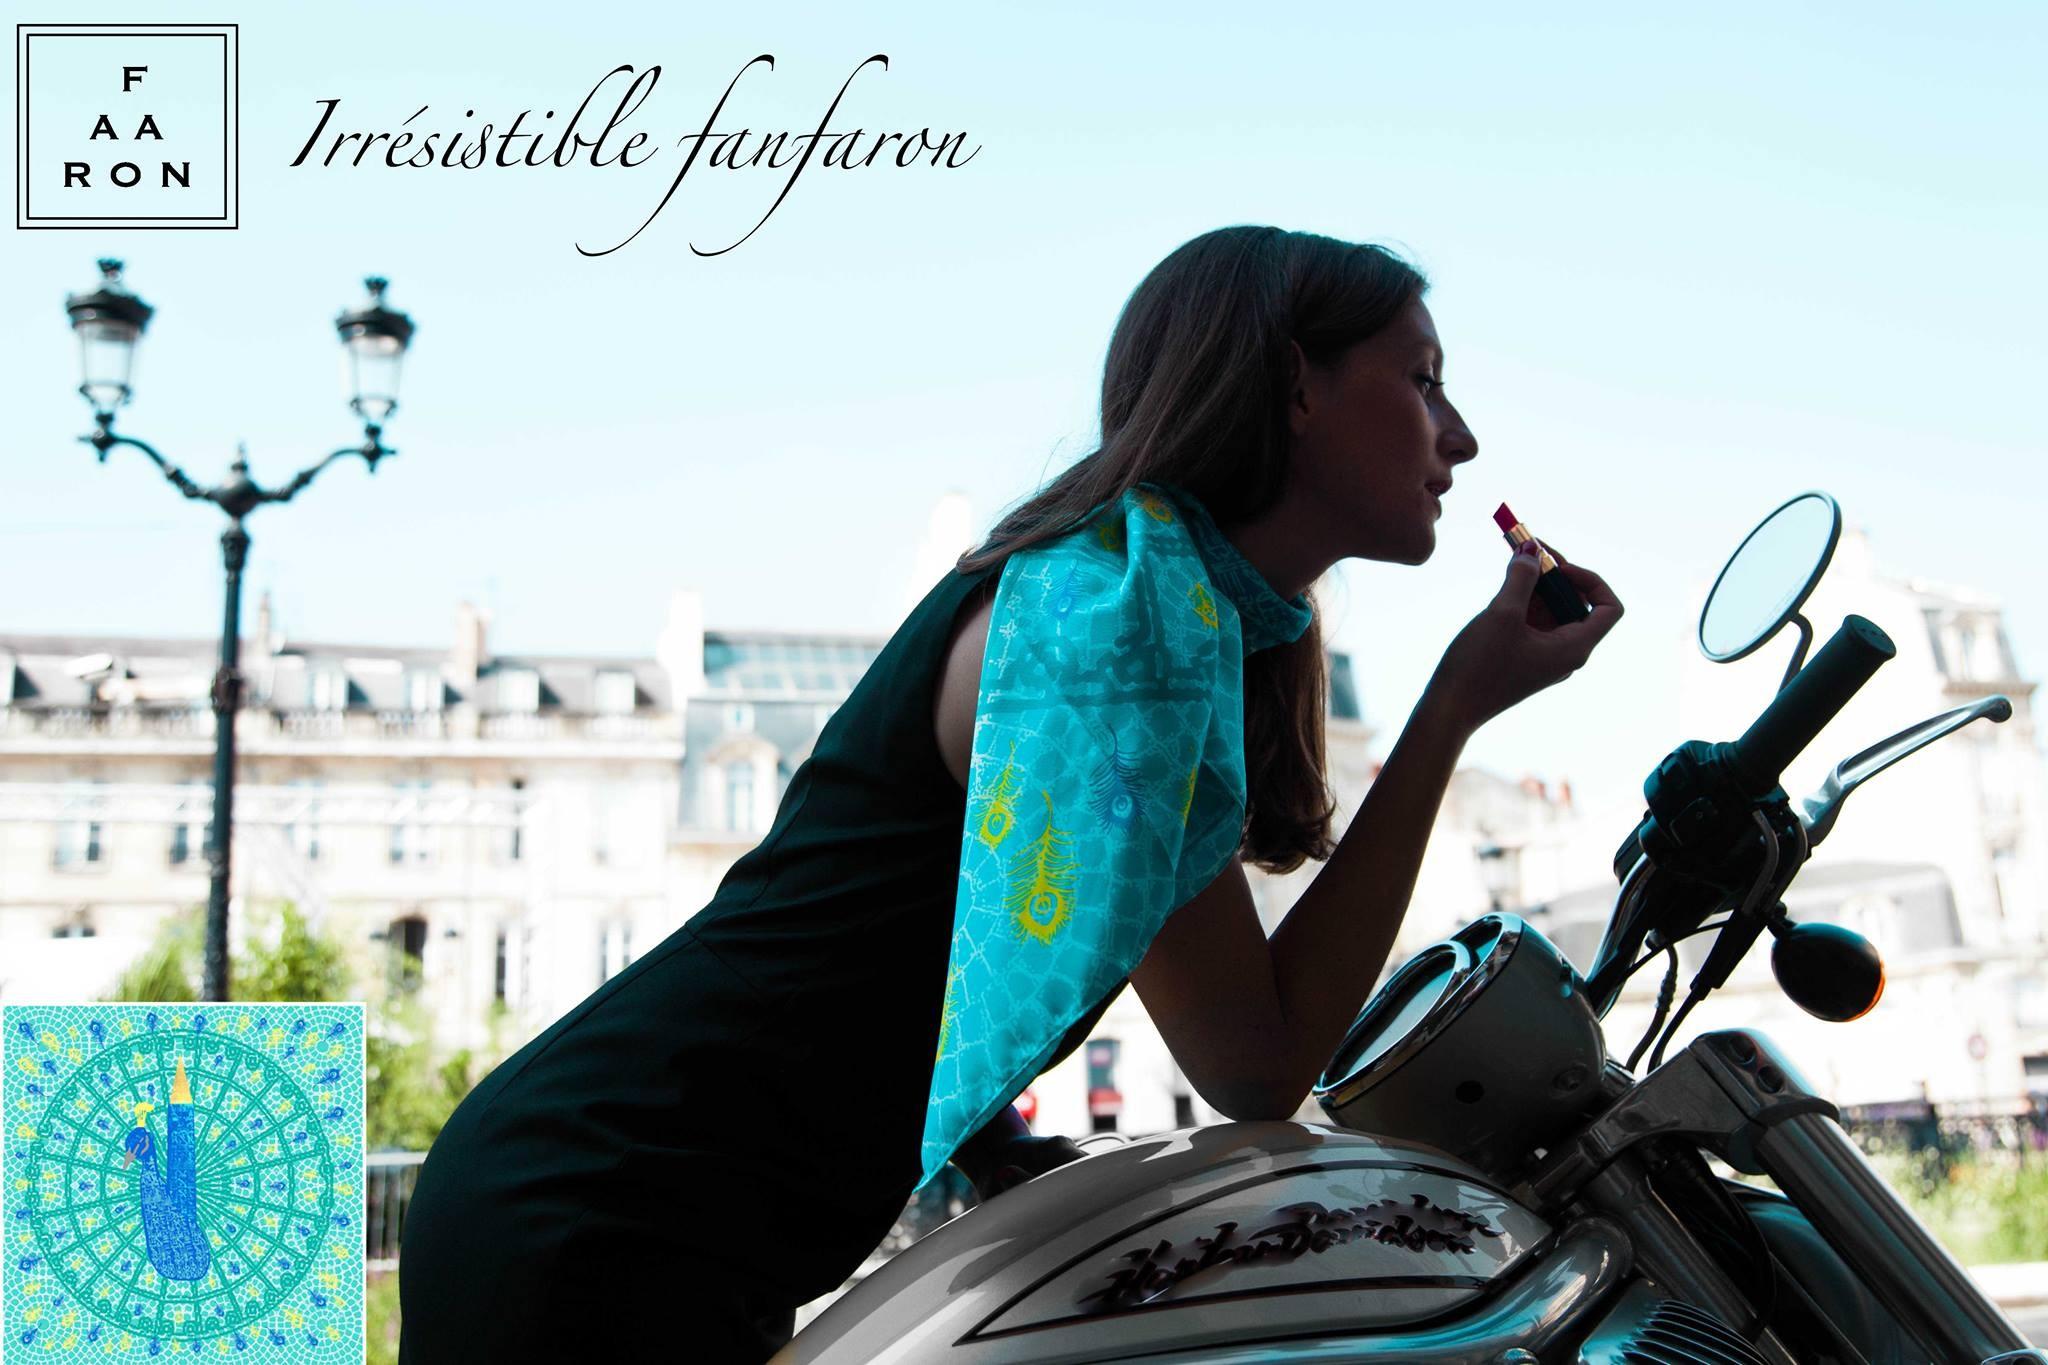 Foulard Fanfaron -  Collection Paris Panache - Concorde